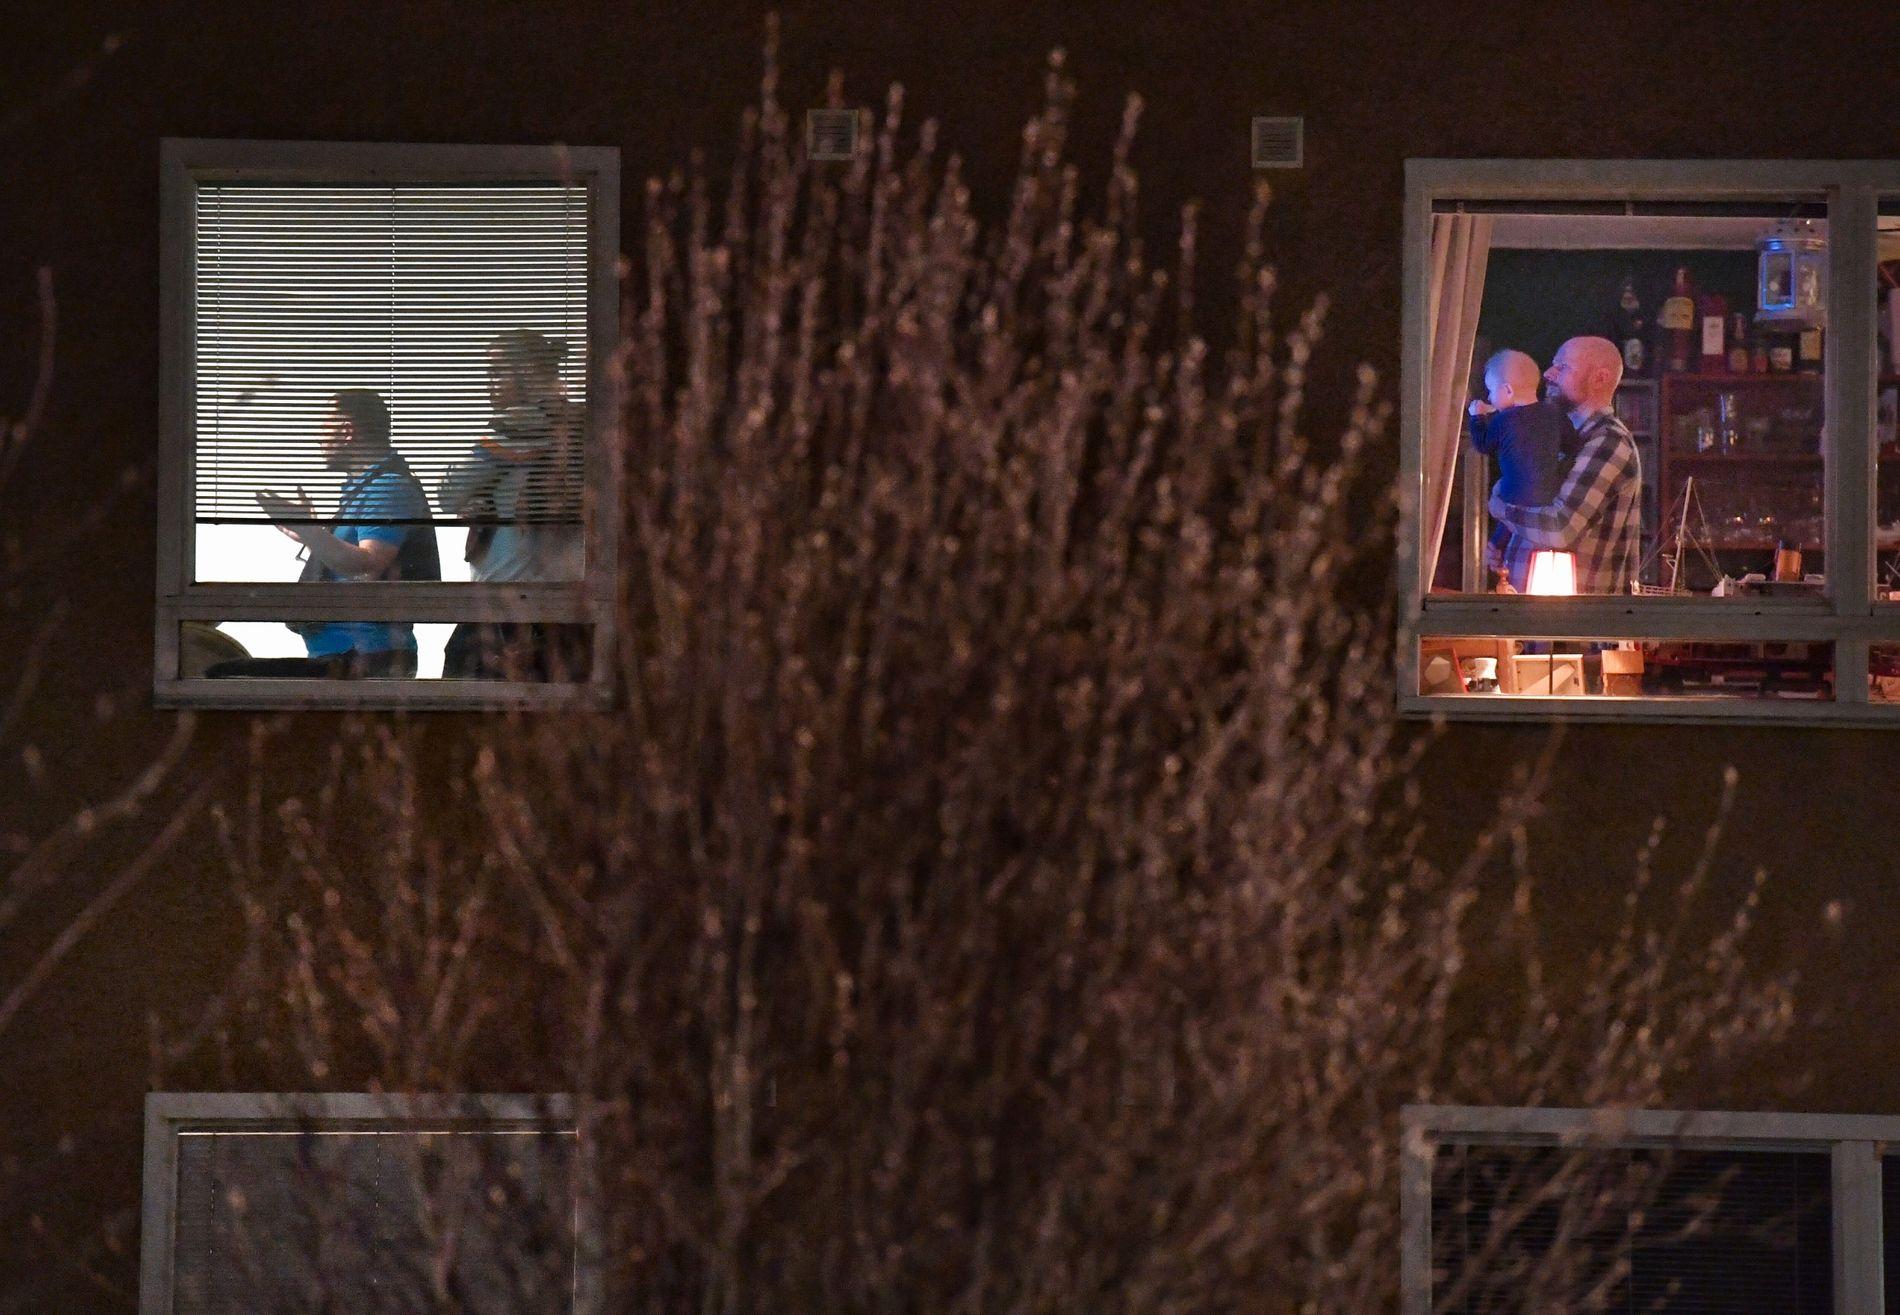 NÆR NABO: Patrick Behnke følger nyhetssendingene på TV med sønnen Erwin (10 md.) på armen mens bevæpnet politi gjennomsøker naboleiligheten. Foto: Helge Mikalsen